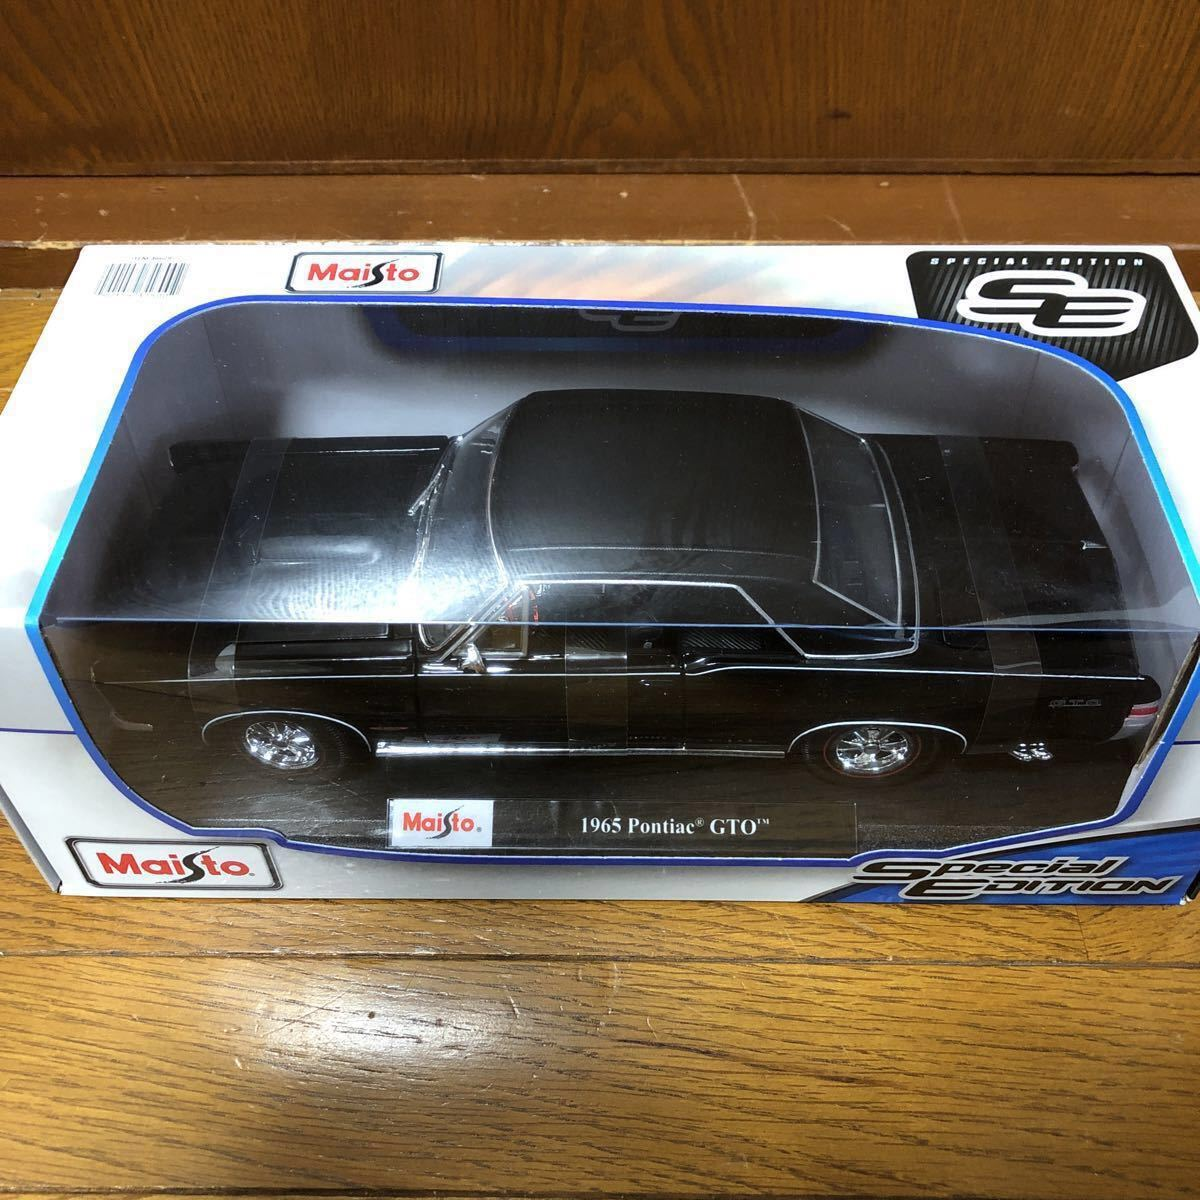 【1円~★新品★即決可】Maisto 1/18 1965 Pontiac GTO ferrari BMW lamborghini dodge Datsun NISSAN マイスト ミニカー beetle benz SL